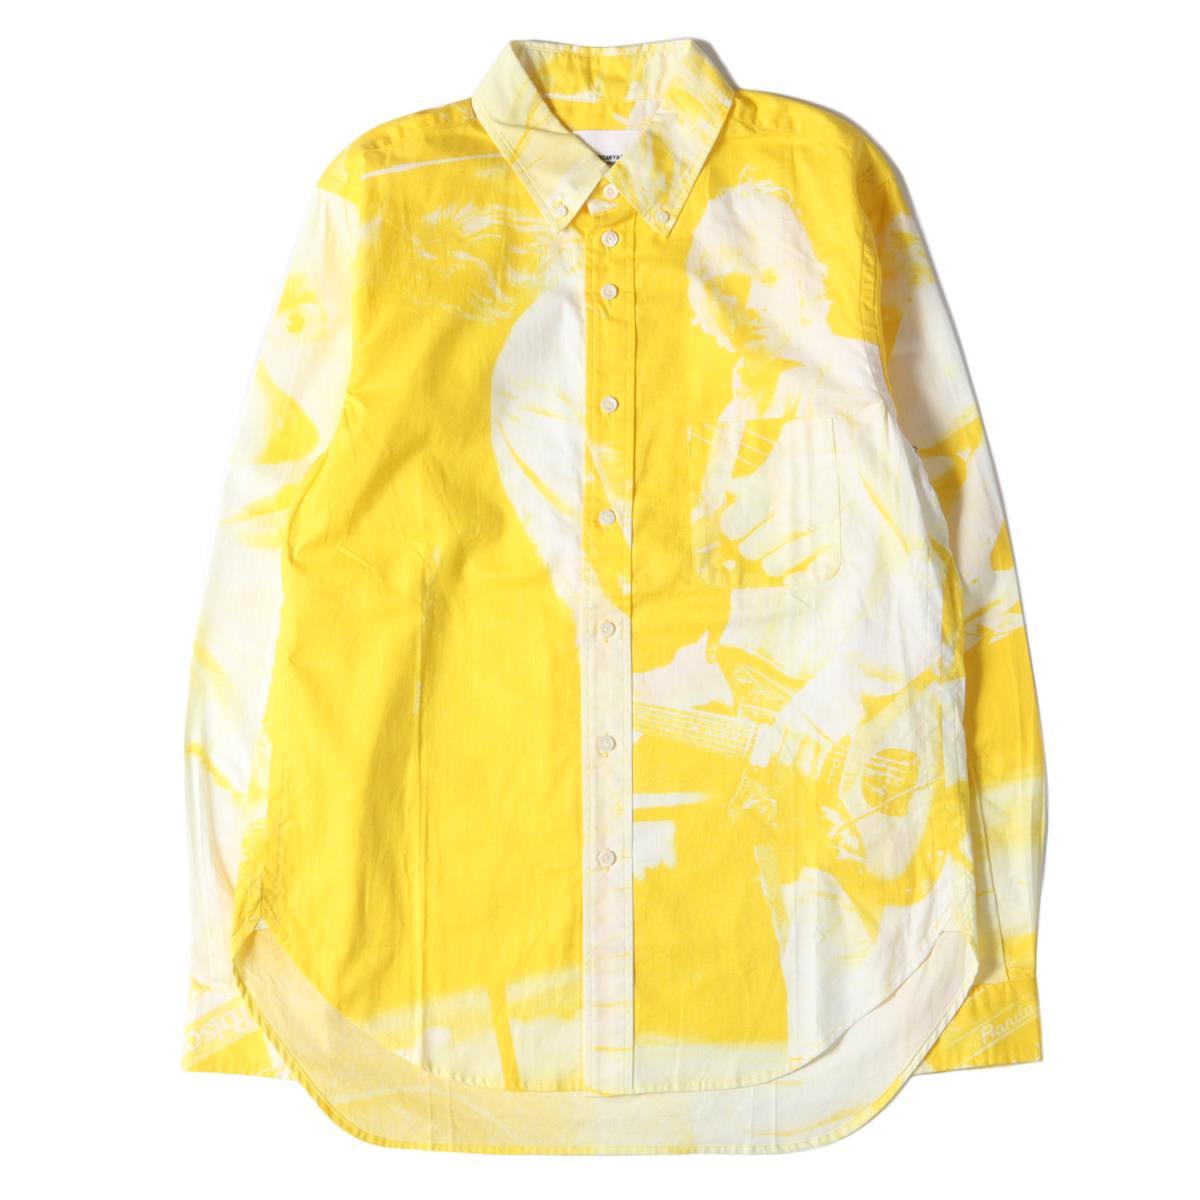 トップス, カジュアルシャツ TAKAHIROMIYASHITA The Soloist 19SS Charles Peterson B.D.shirt 46 K3125